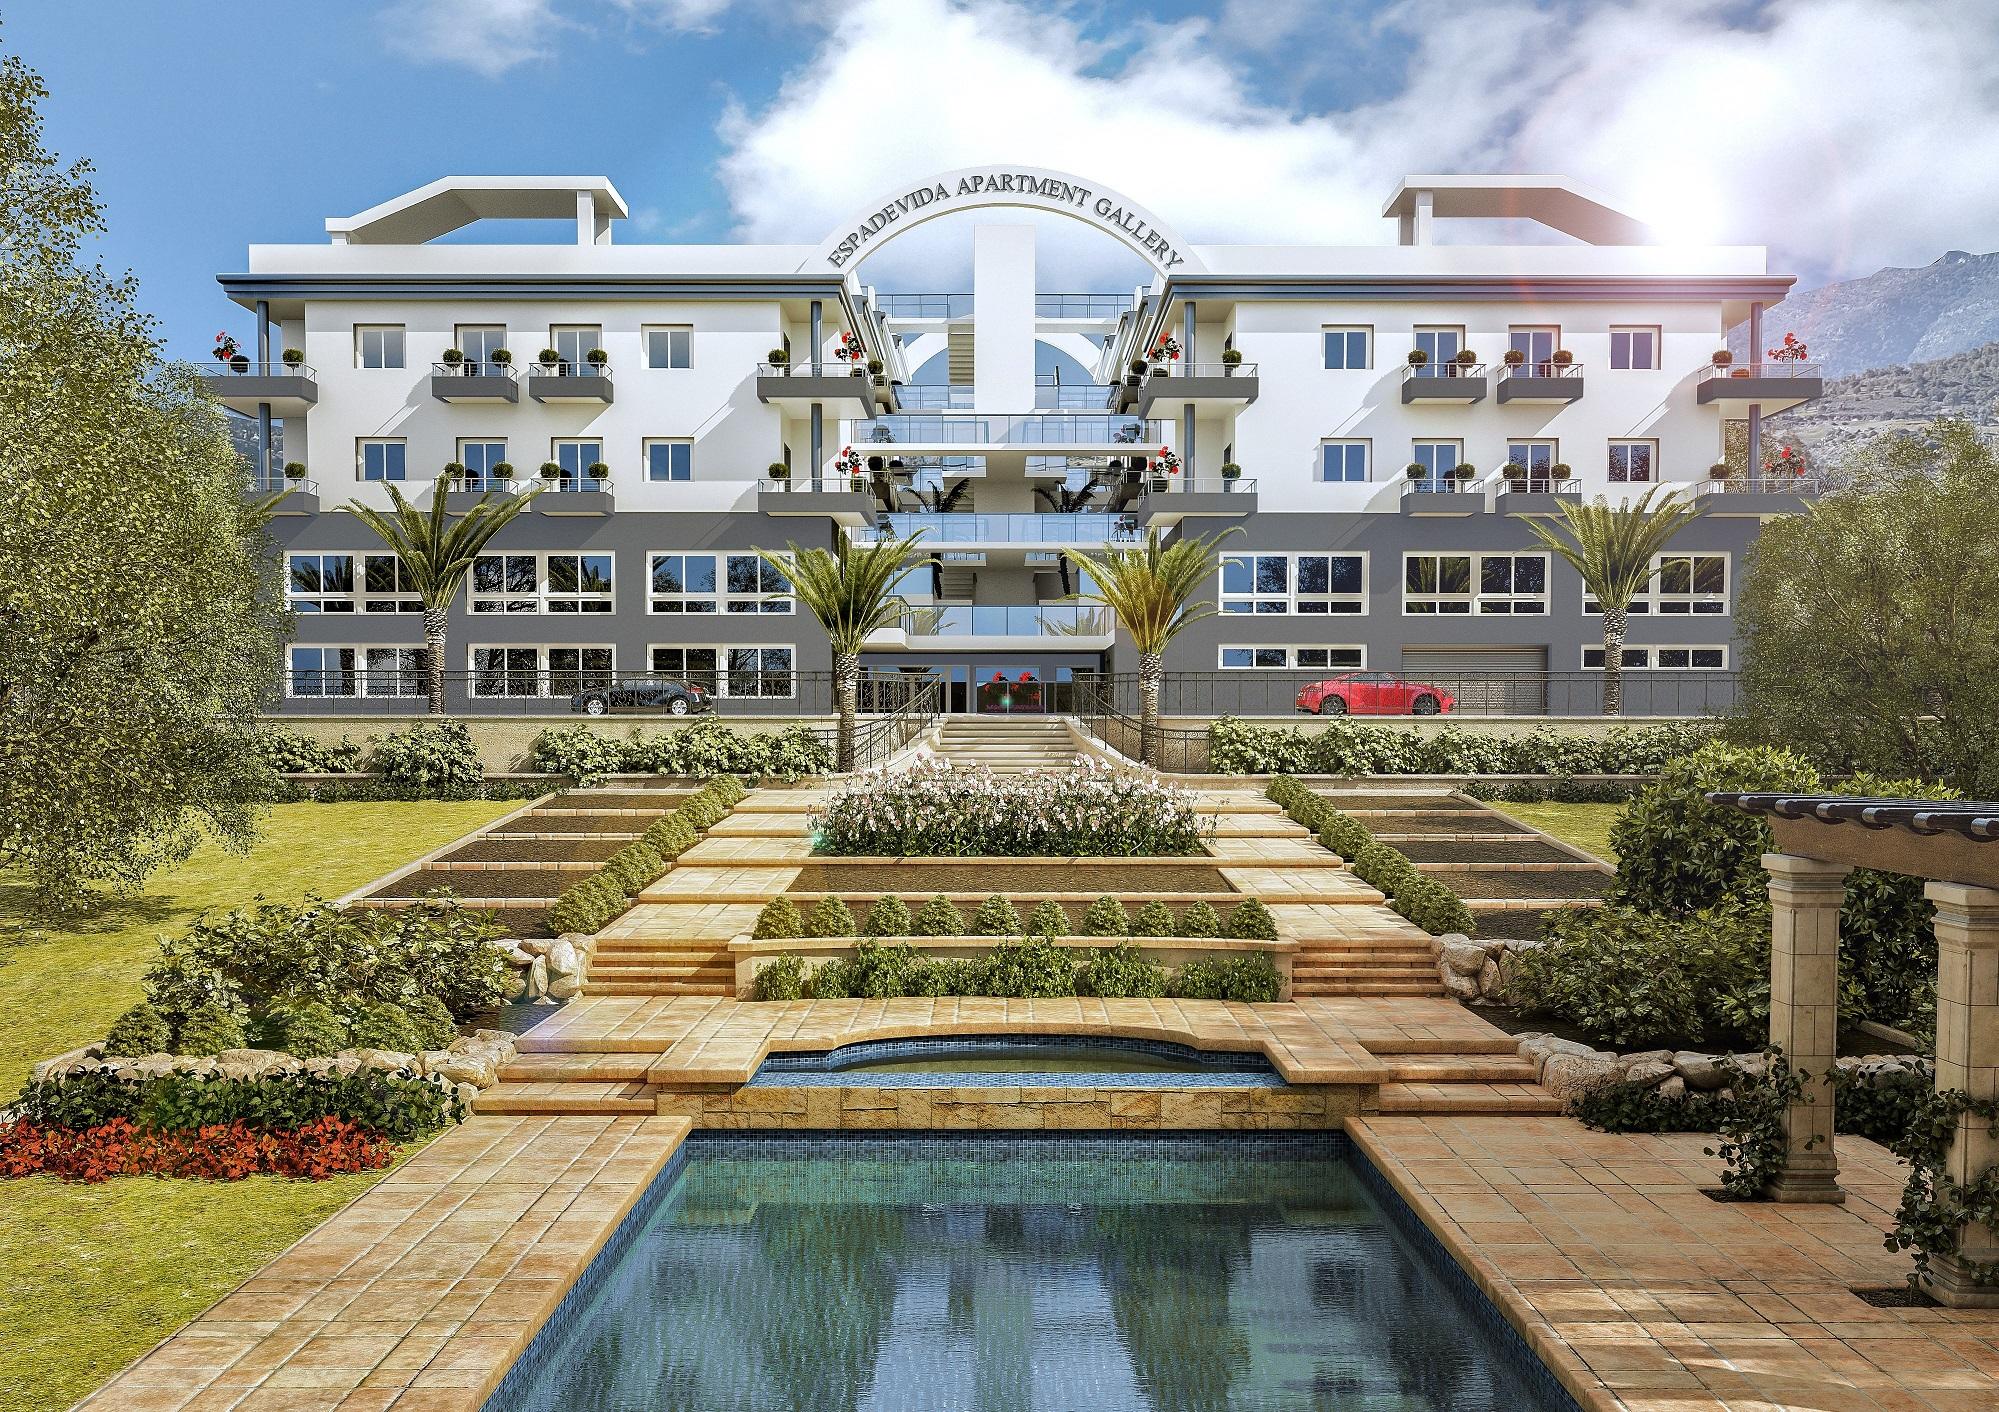 Apartamentos con estilo de vida comunitario